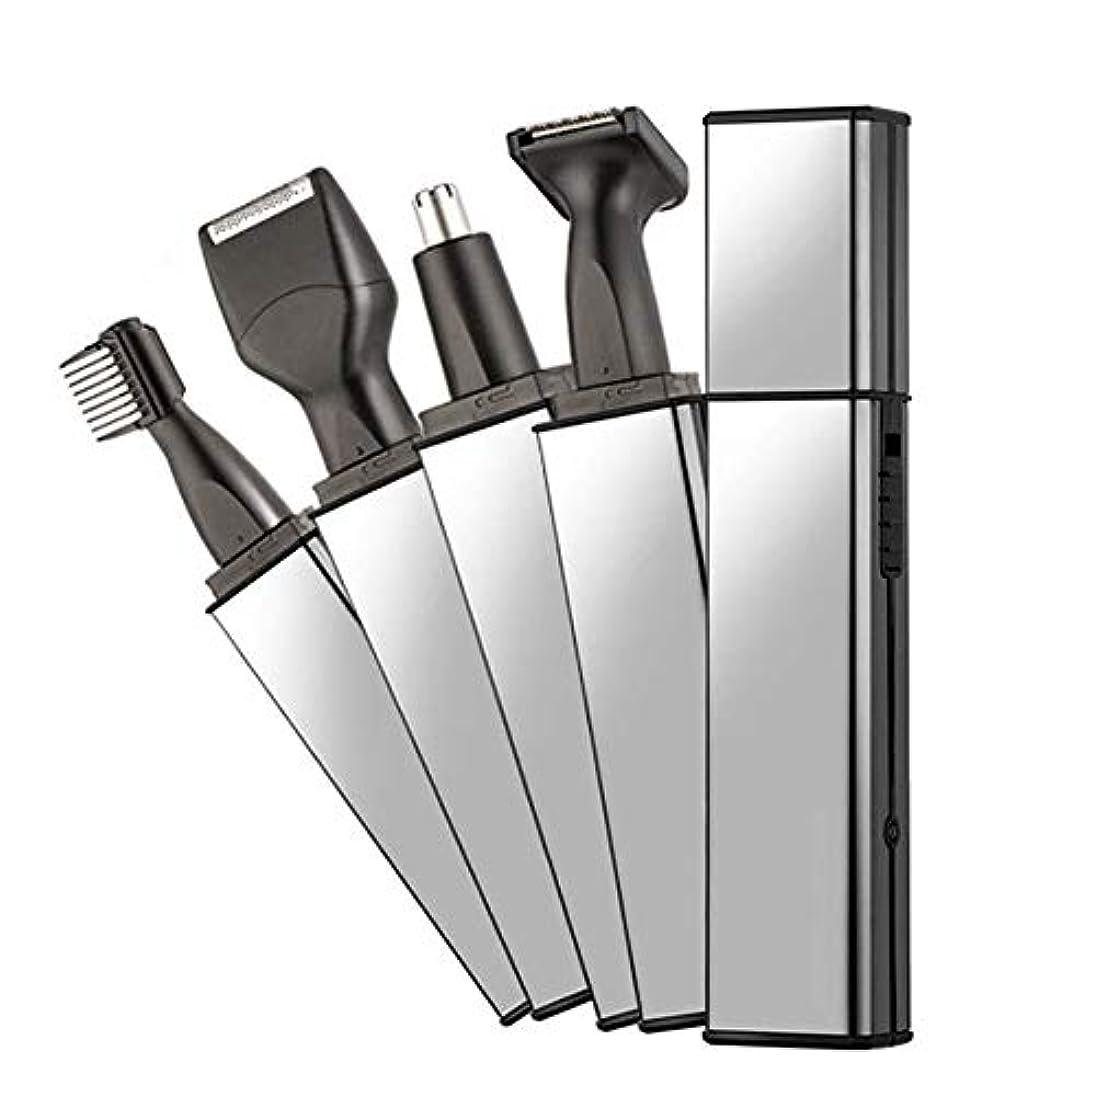 晴れ保存する満足できる(イスイ) YISHUI シェーバー 超軽量 4イン1多機能 耳毛 ヒゲ たてがみ 眉毛シェーバー 鼻毛切り 水洗い可 スタンド付き 収納ポケット付き 携帯便利 安全にお手入れ 男女兼用 USB充電